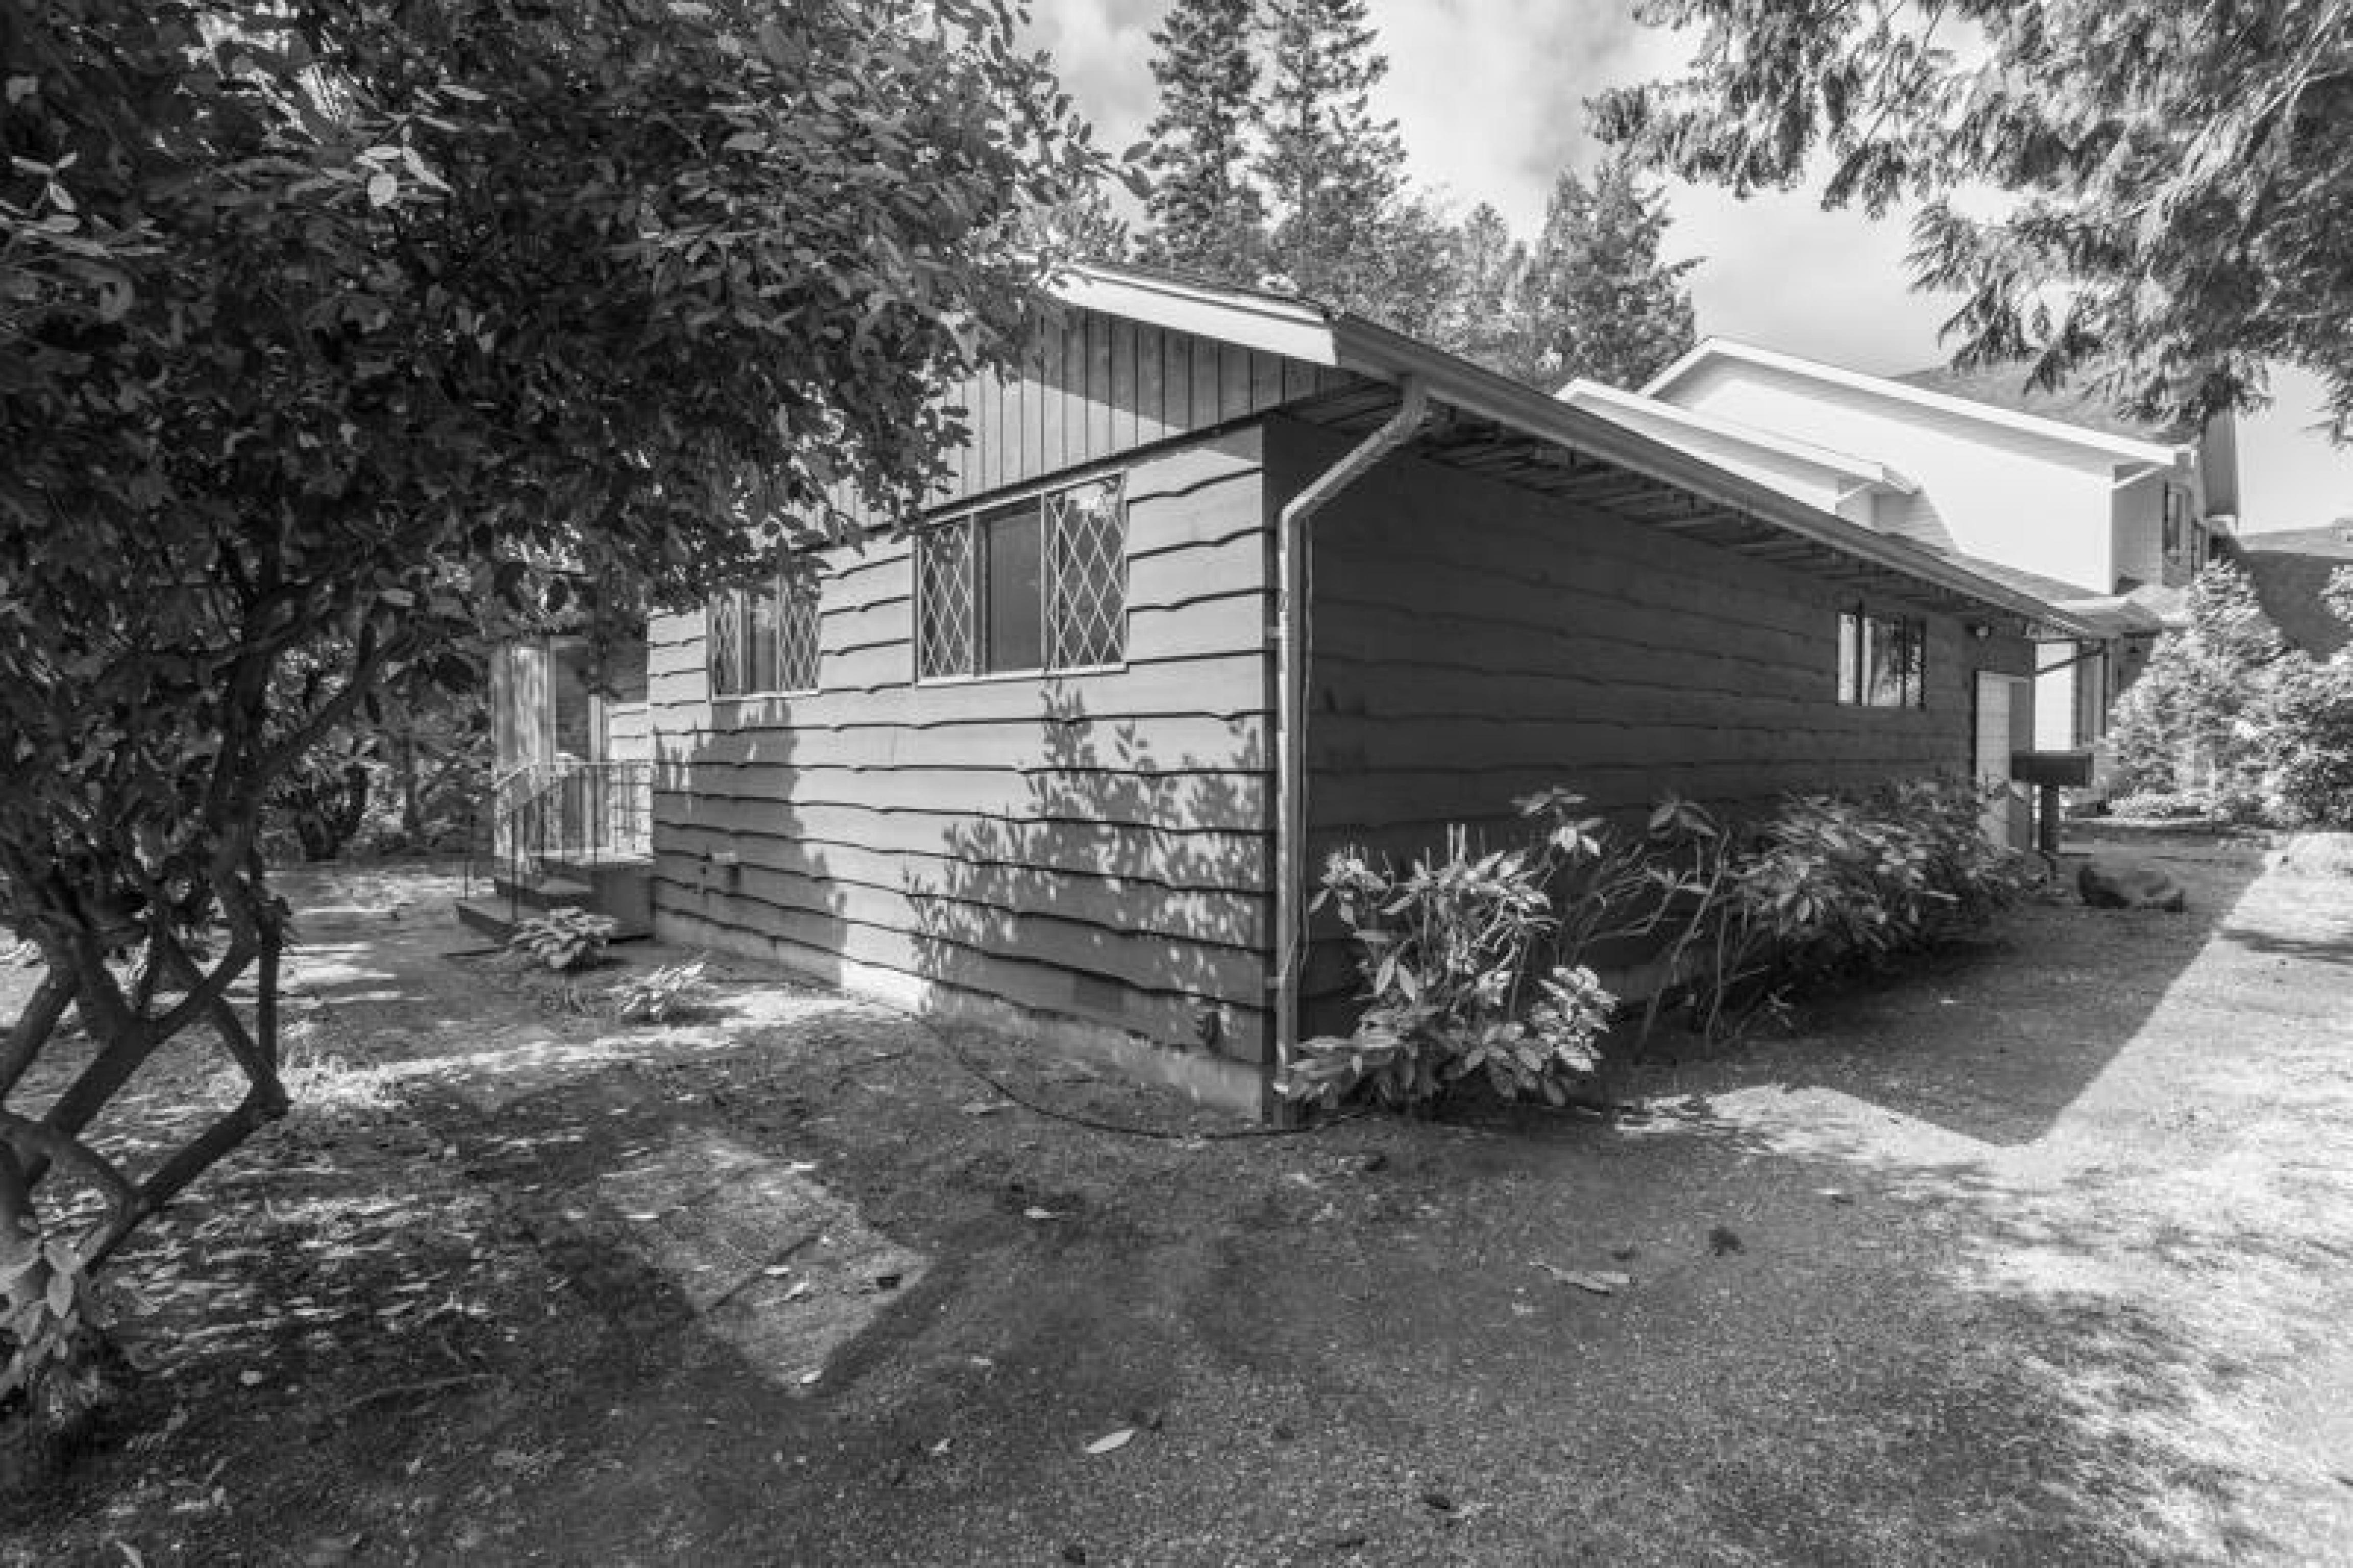 13096 15 Avenue, Crescent Bch Ocean Pk., South Surrey White Rock 3